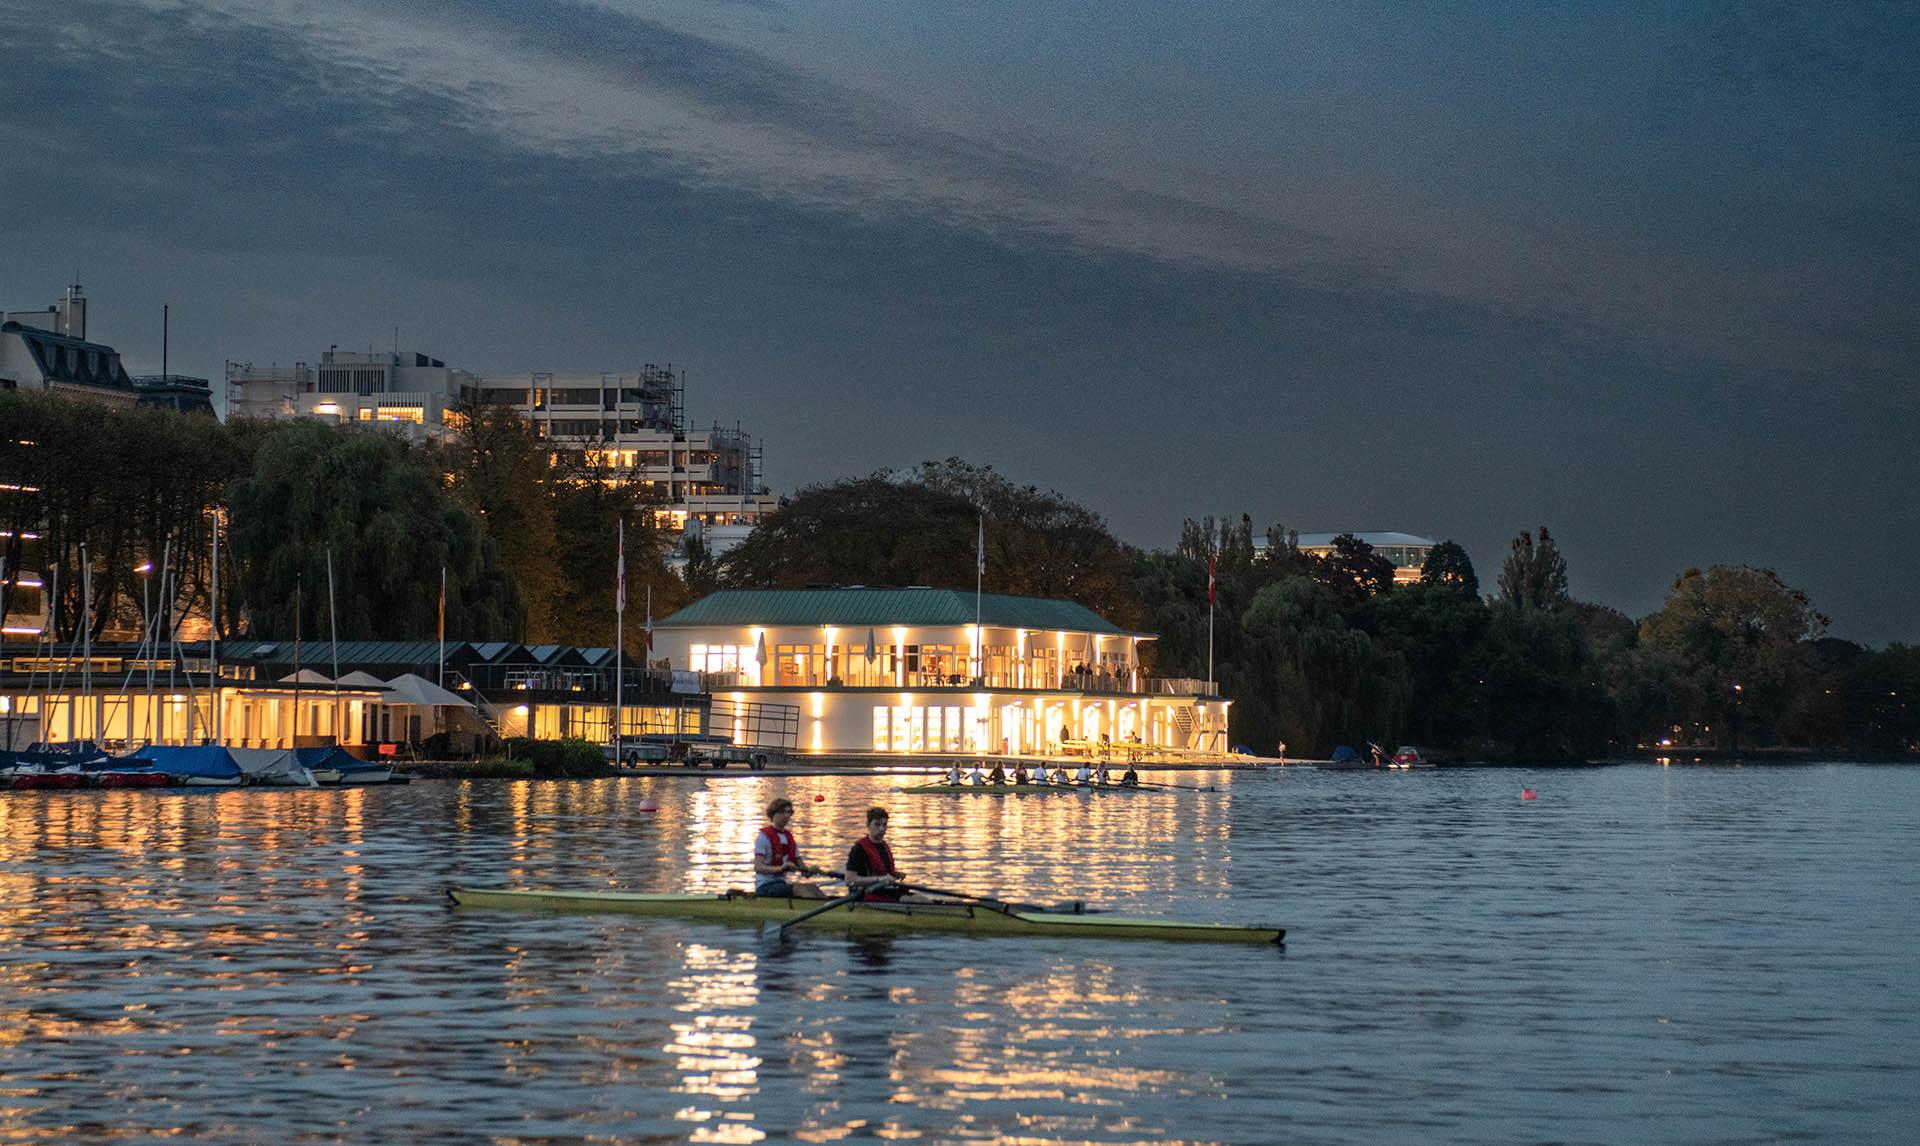 Bootshaus in der Abenddämmerung